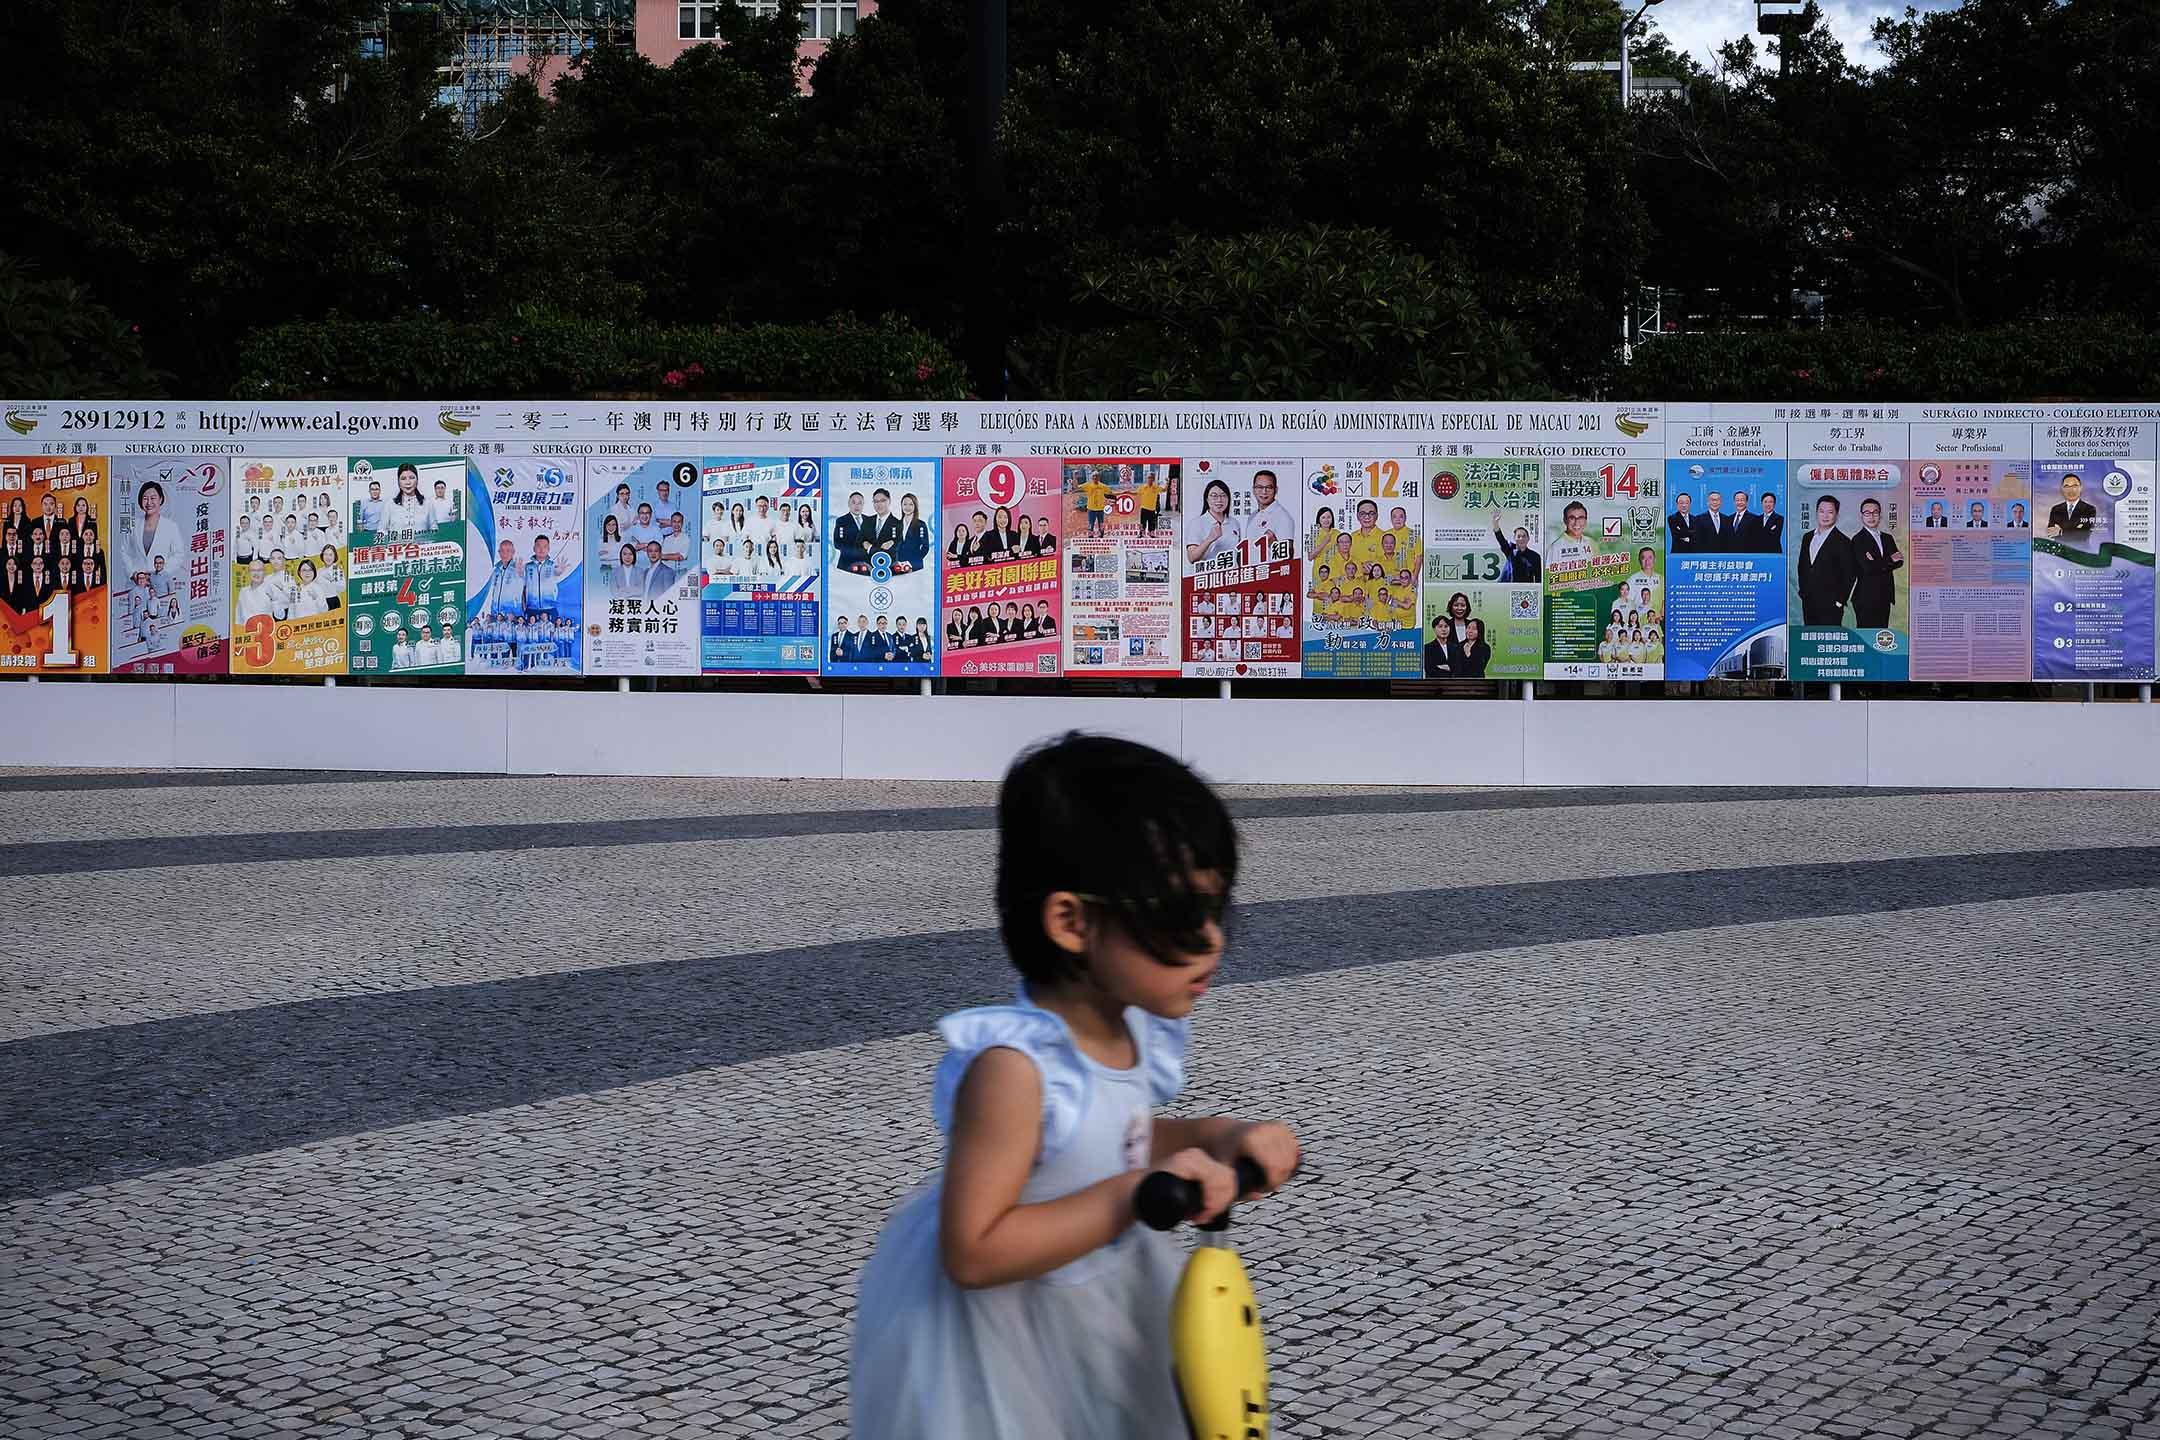 2021年9月11日,澳門塔石廣場的立法會選舉宣傳海報。 攝:J. Dee/端傳媒